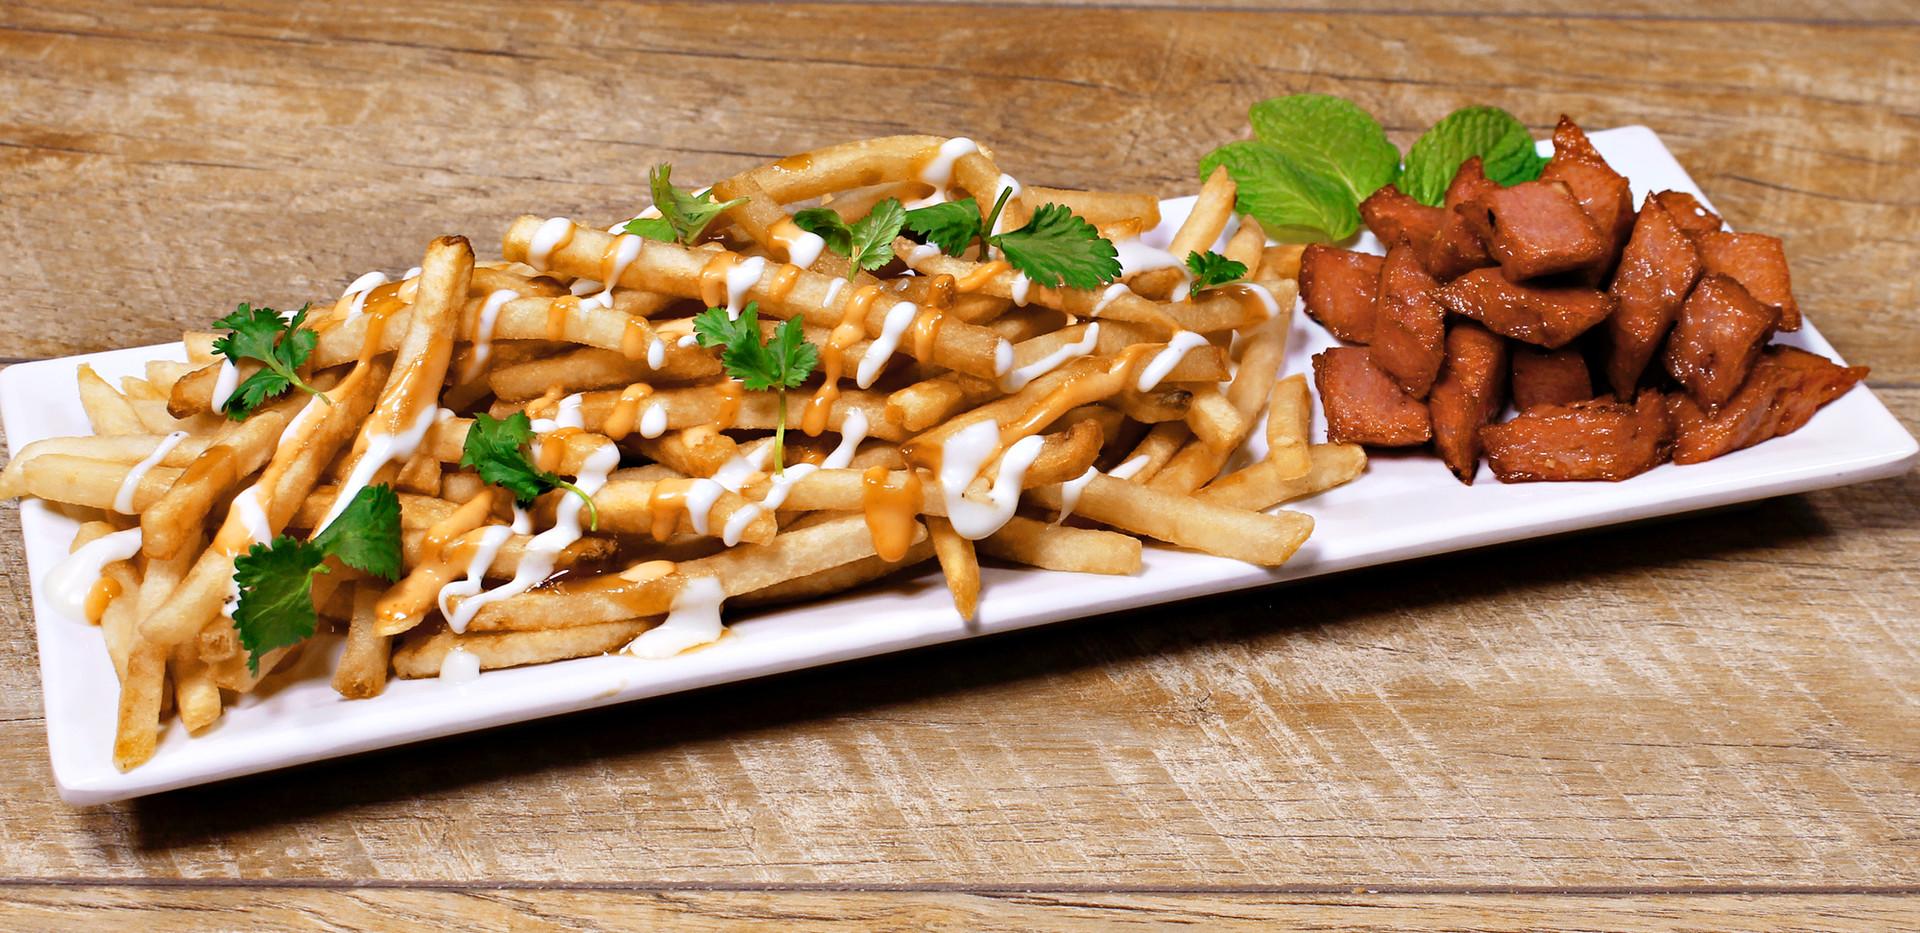 Loaded Fries and Grilled Pork Patty -  Khoai Tây Chiên Với Nem Nướng